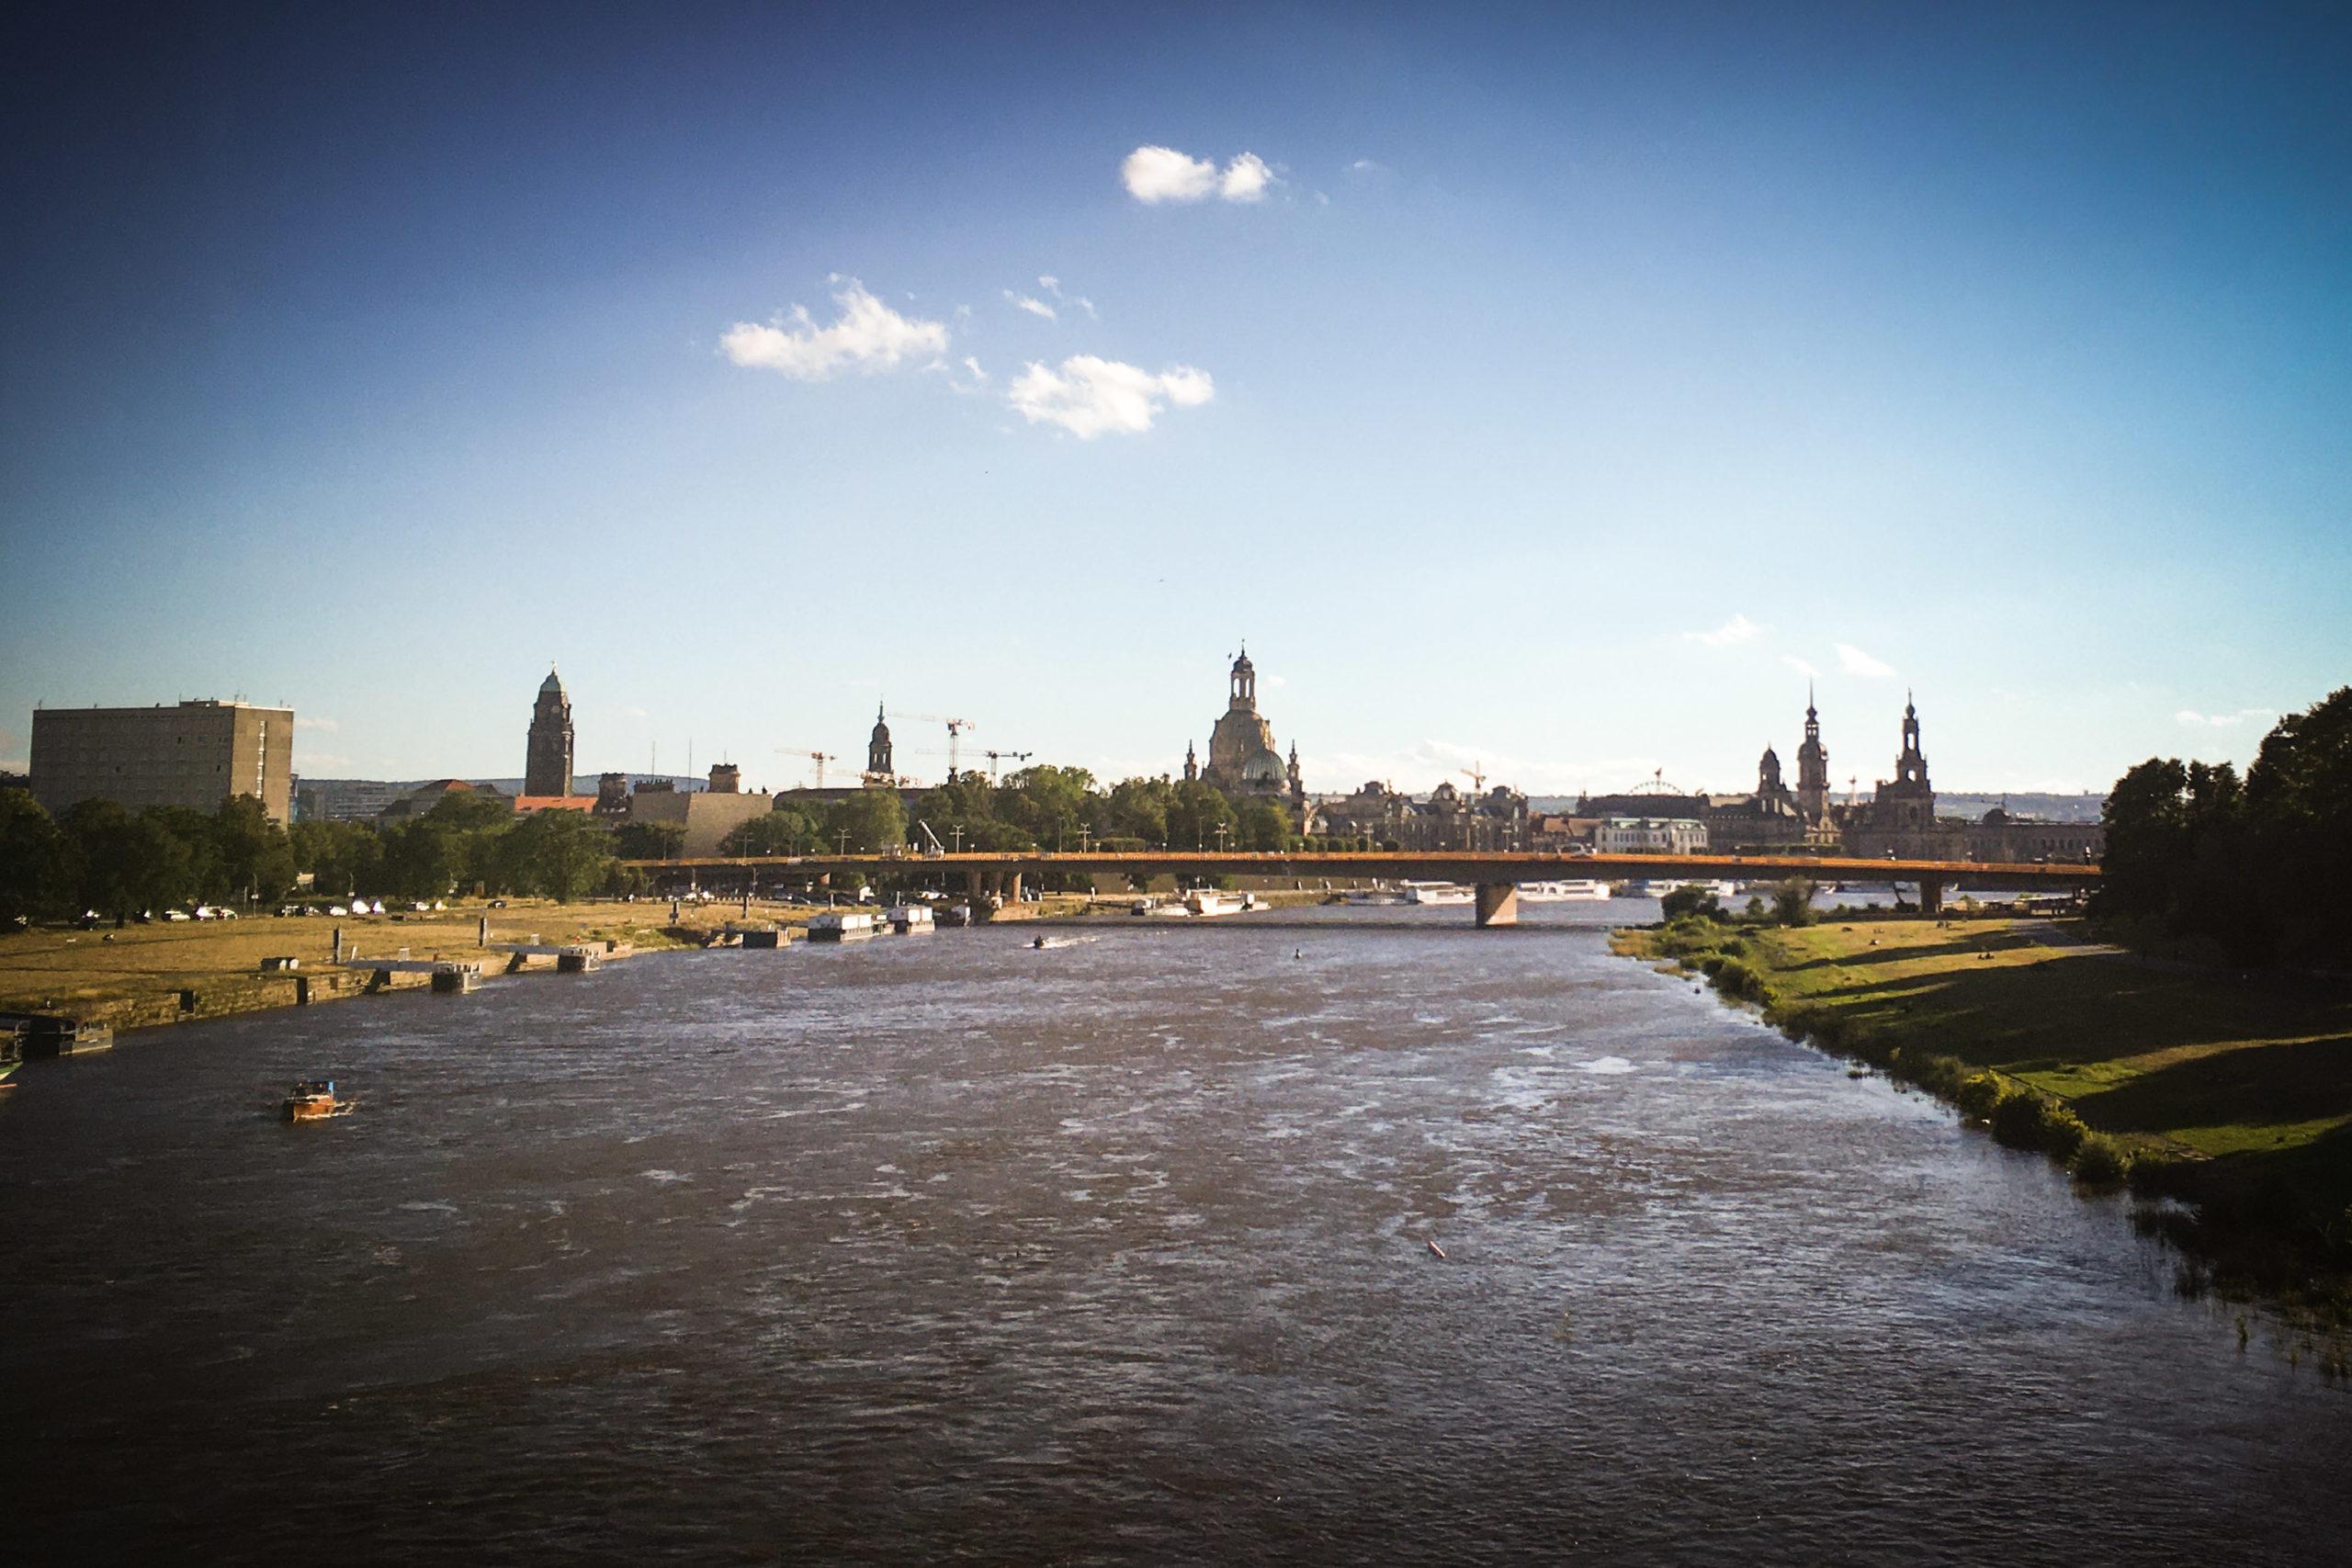 unser schönes Dresden - Schlusspunkt einer wunderschönen Valtenberg-Tour